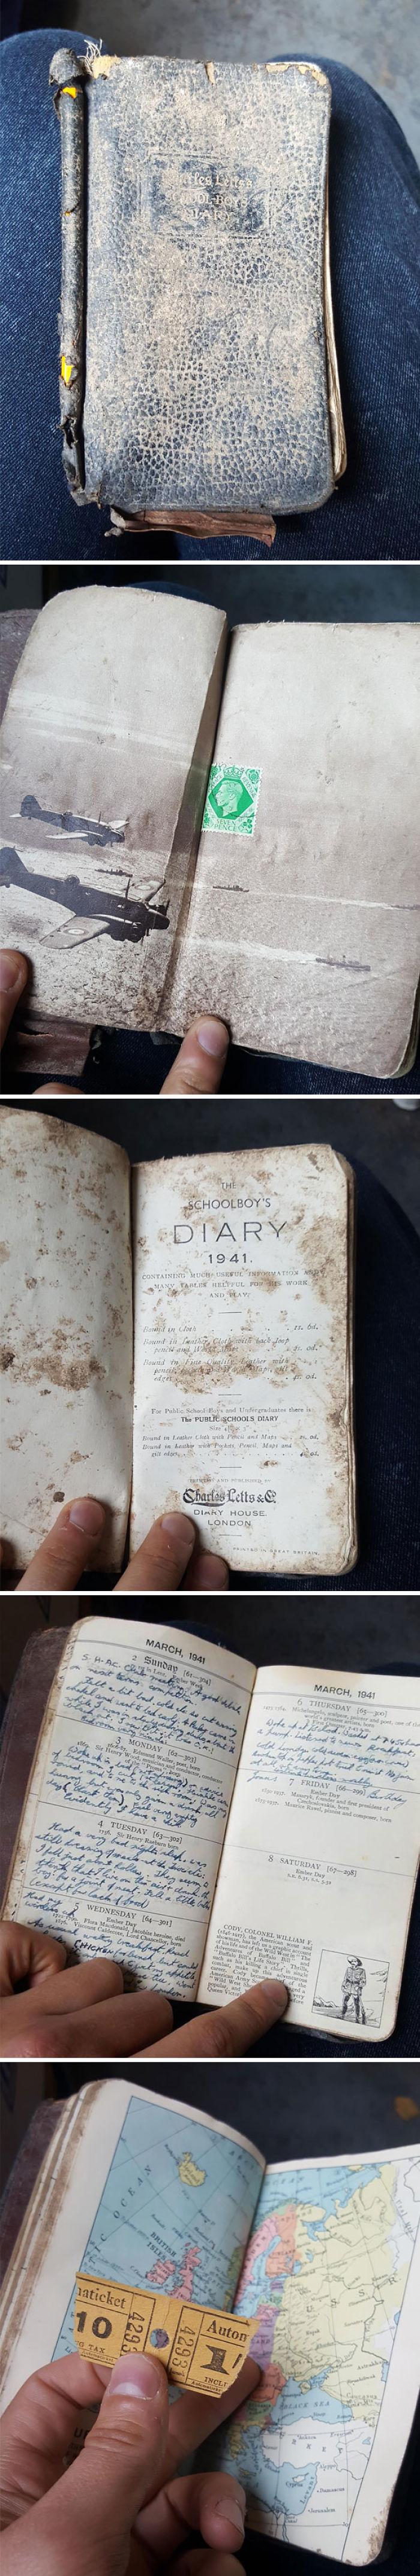 Mi amigo trabaja en reciclaje. Encontró este diario de 1941 lleno de escritos